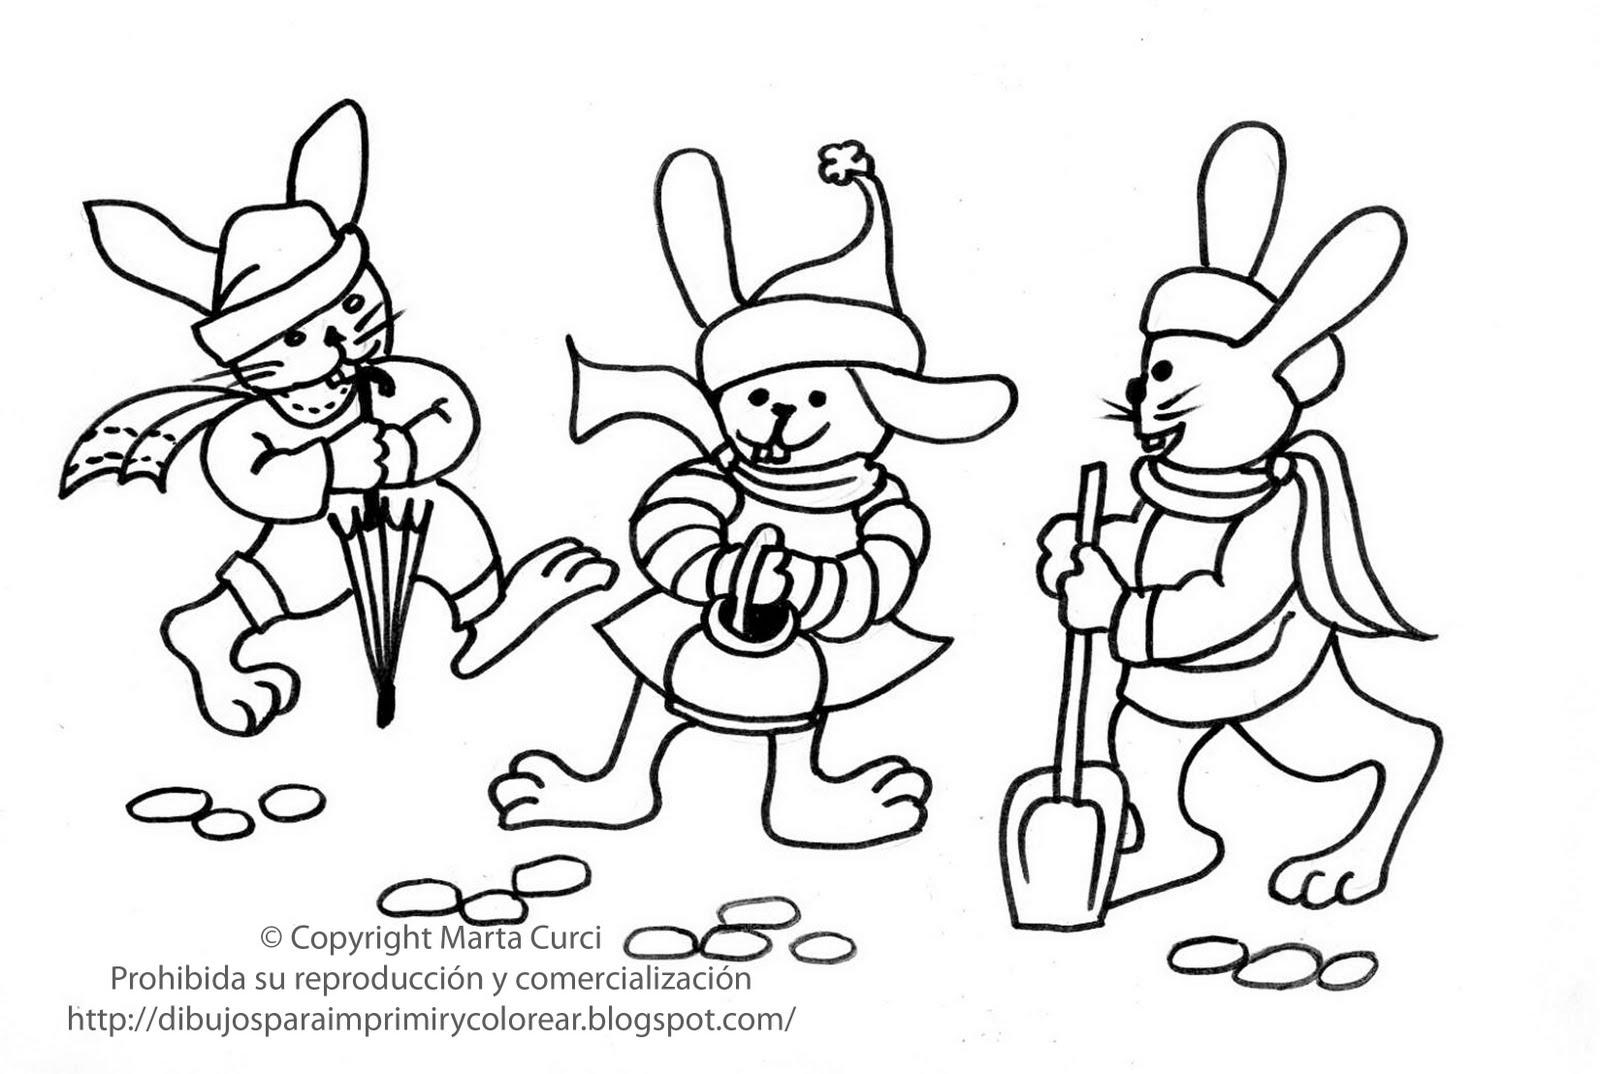 Dibujos De Conejitos Para Imprimir Y Colorear: Dibujos Para Imprimir Y Colorear Gratis Para Niños: Dibujo